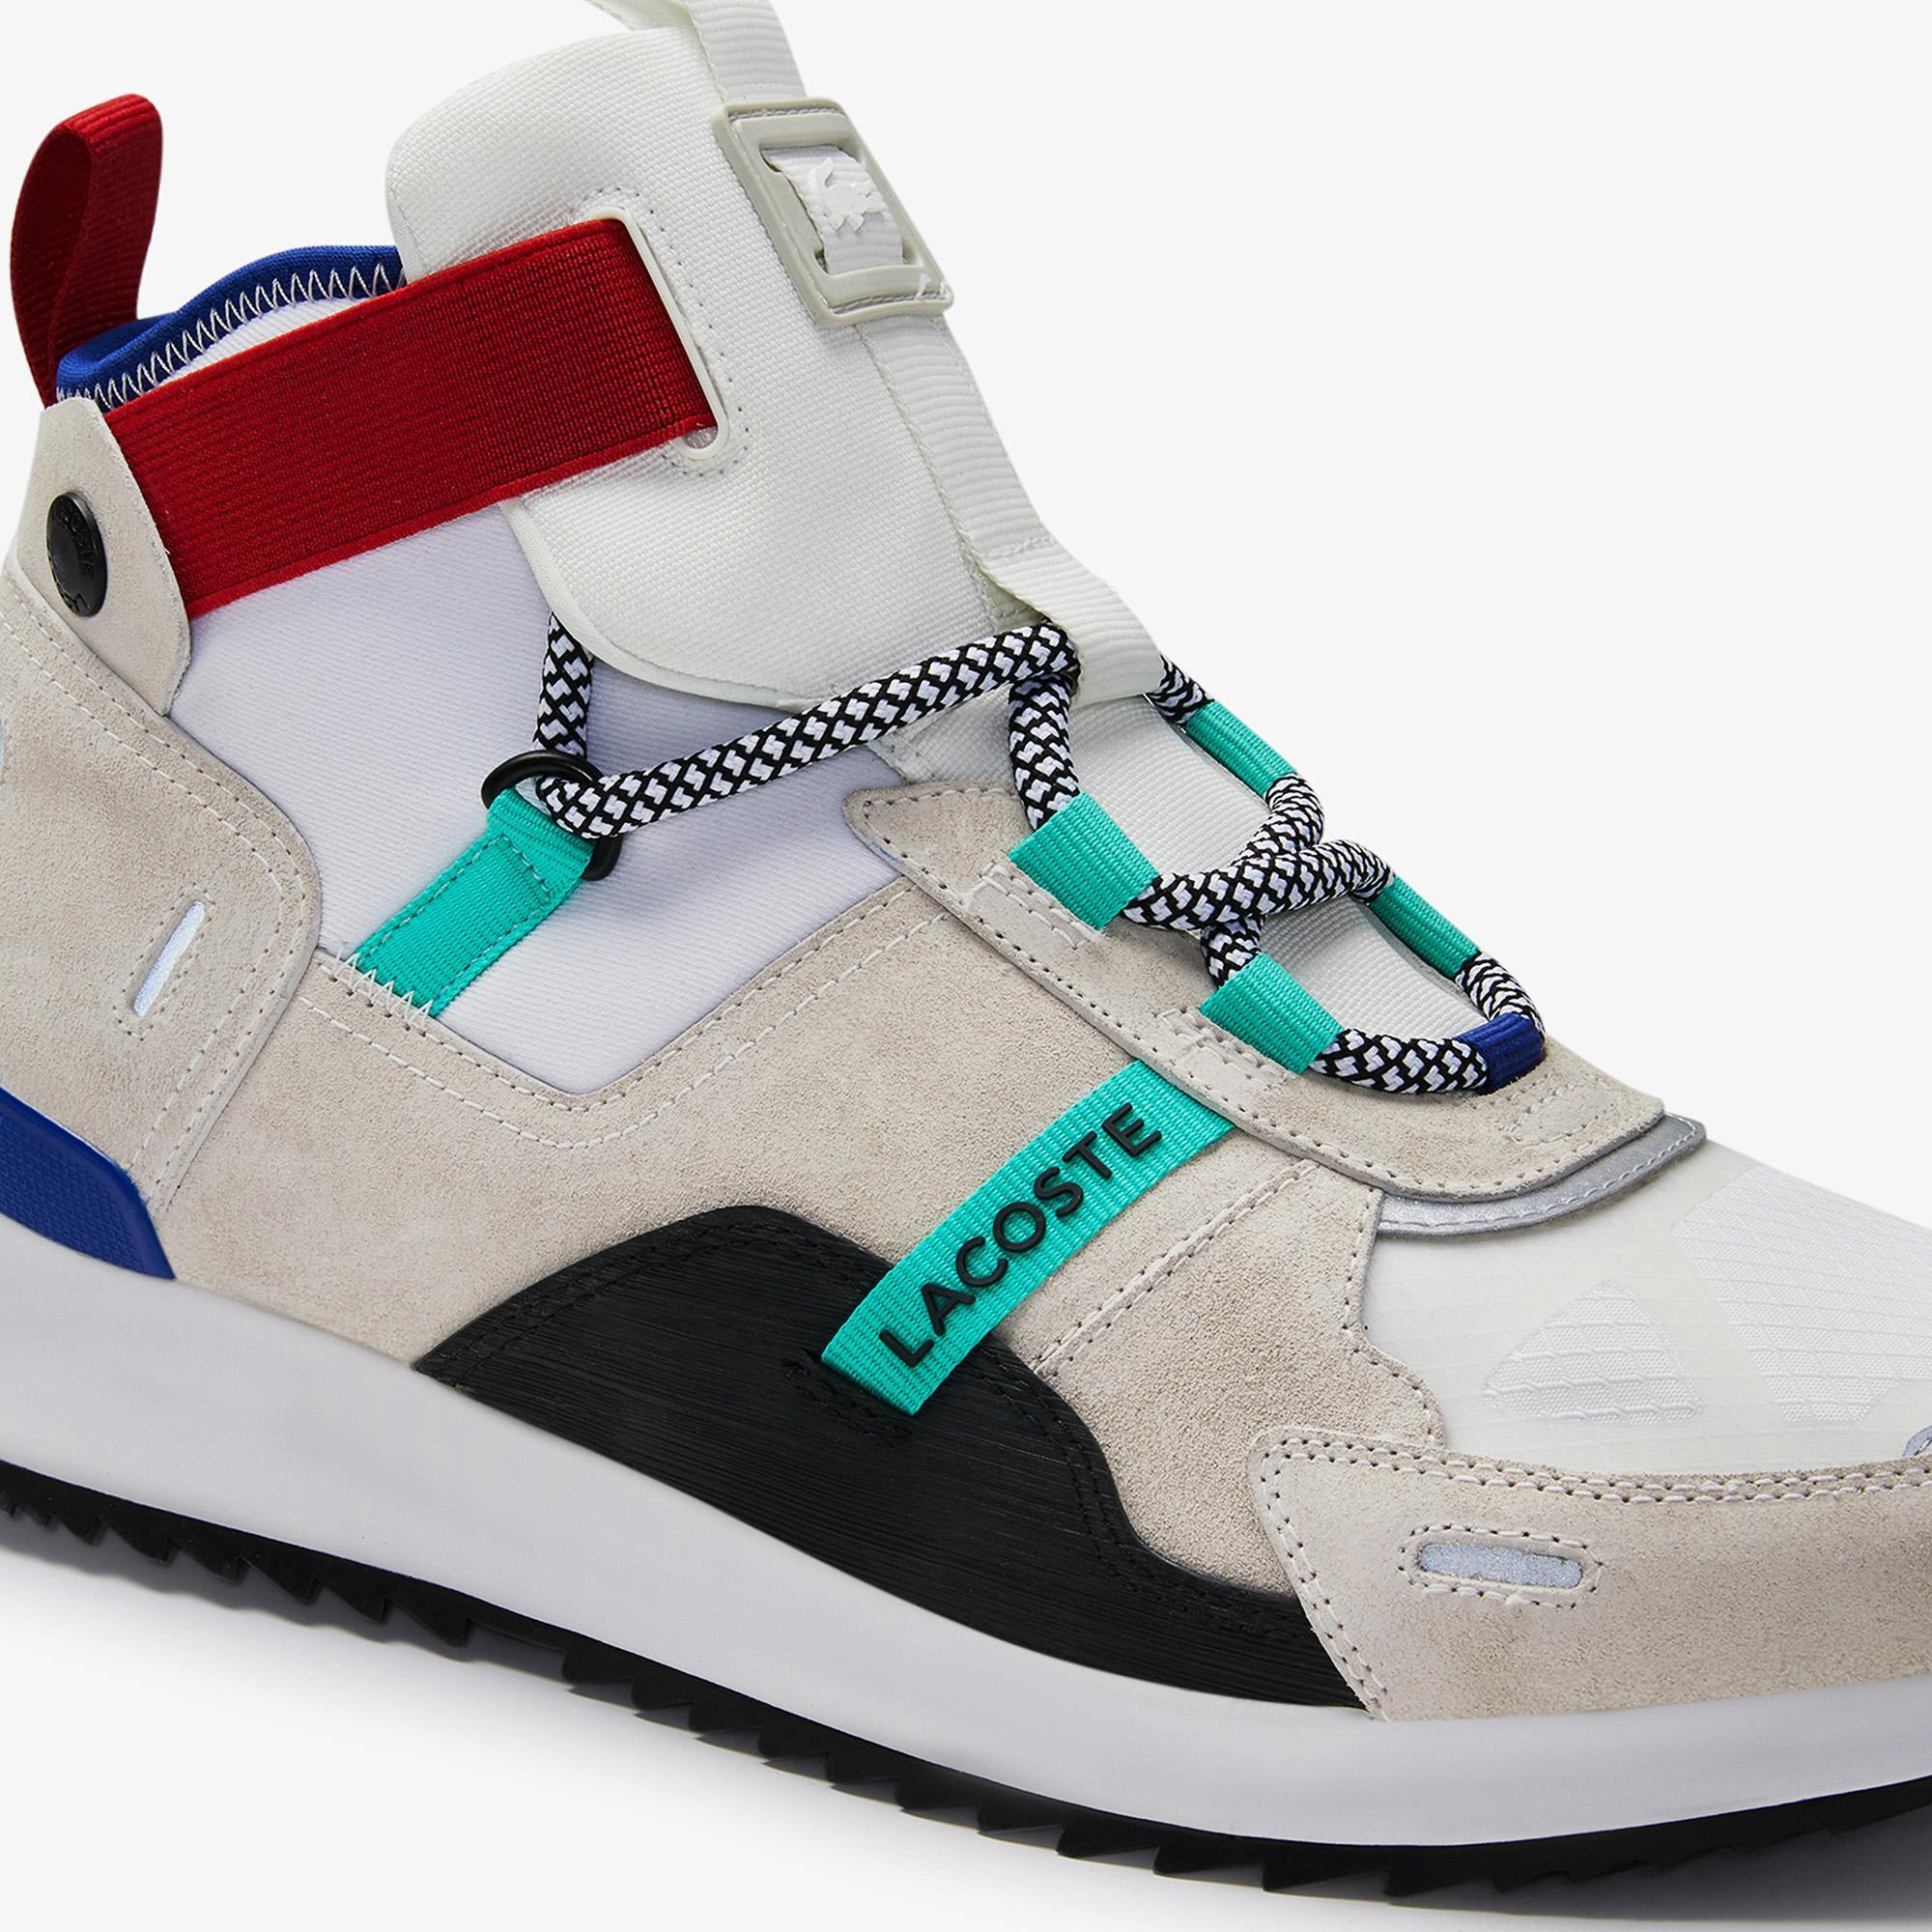 Lacoste Run Breaker 0320 1 Sfa Kadın Beyaz - Mavi Bot